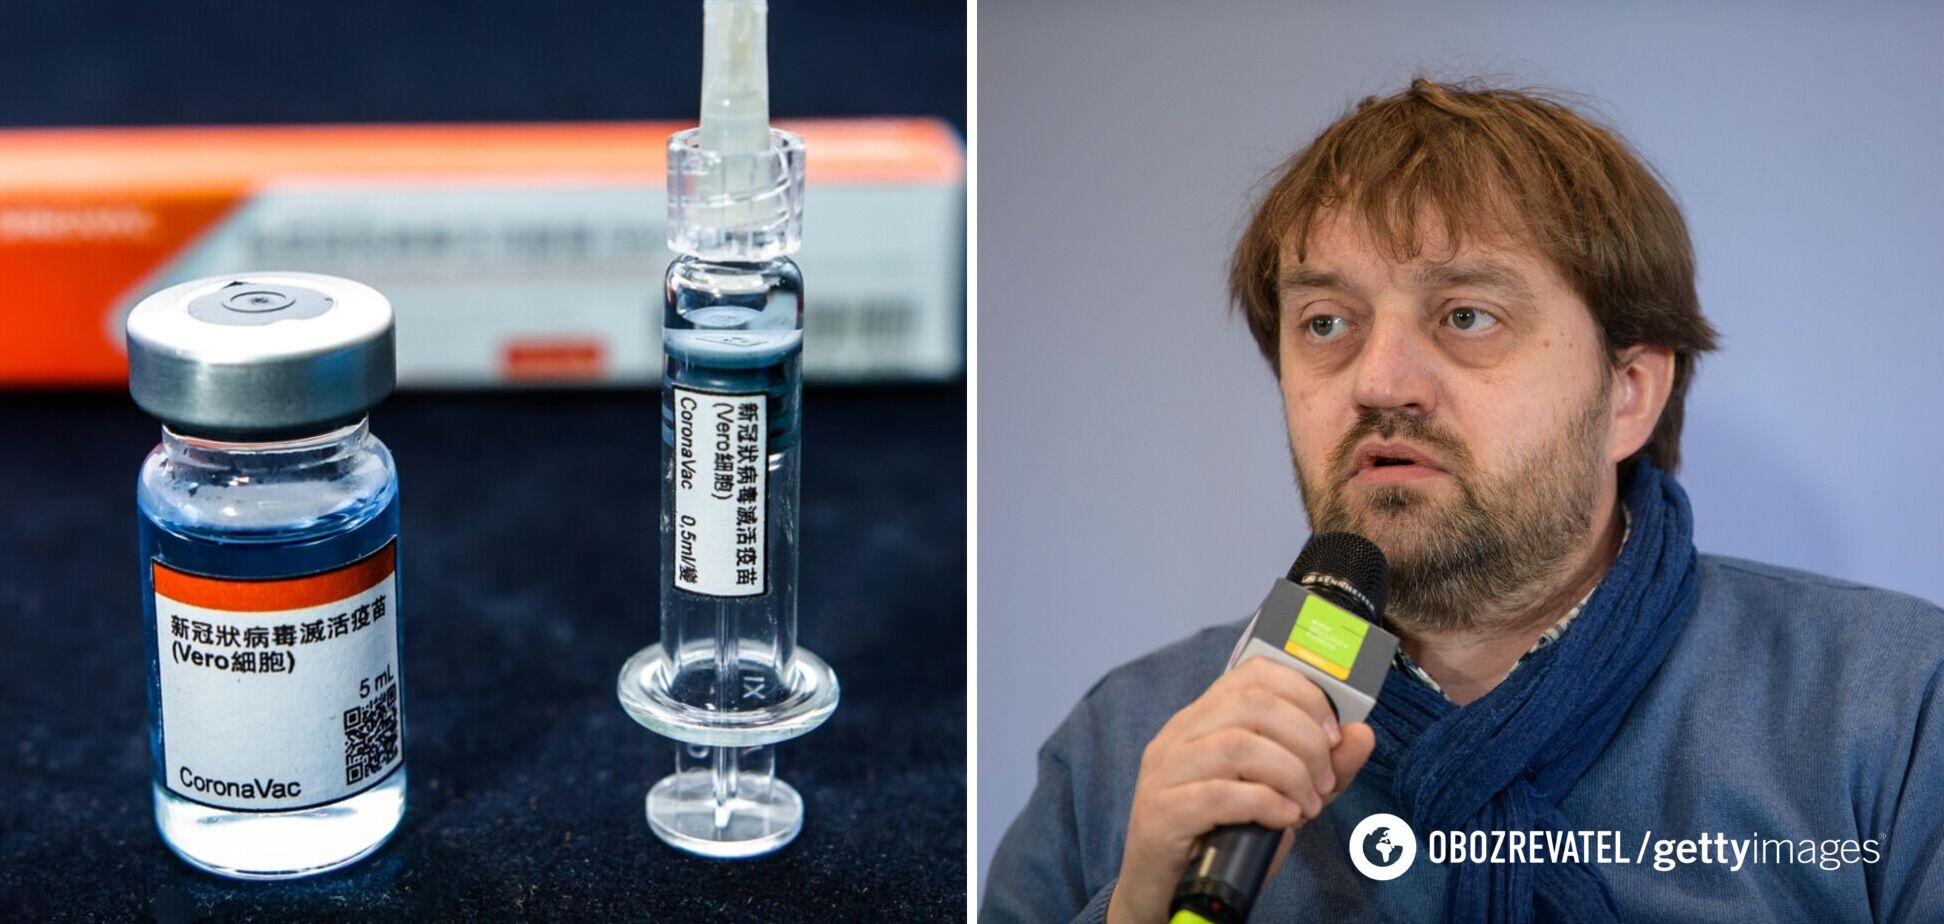 Иммунолог рассказал о преимуществах вакцины СoronaVac из Китая